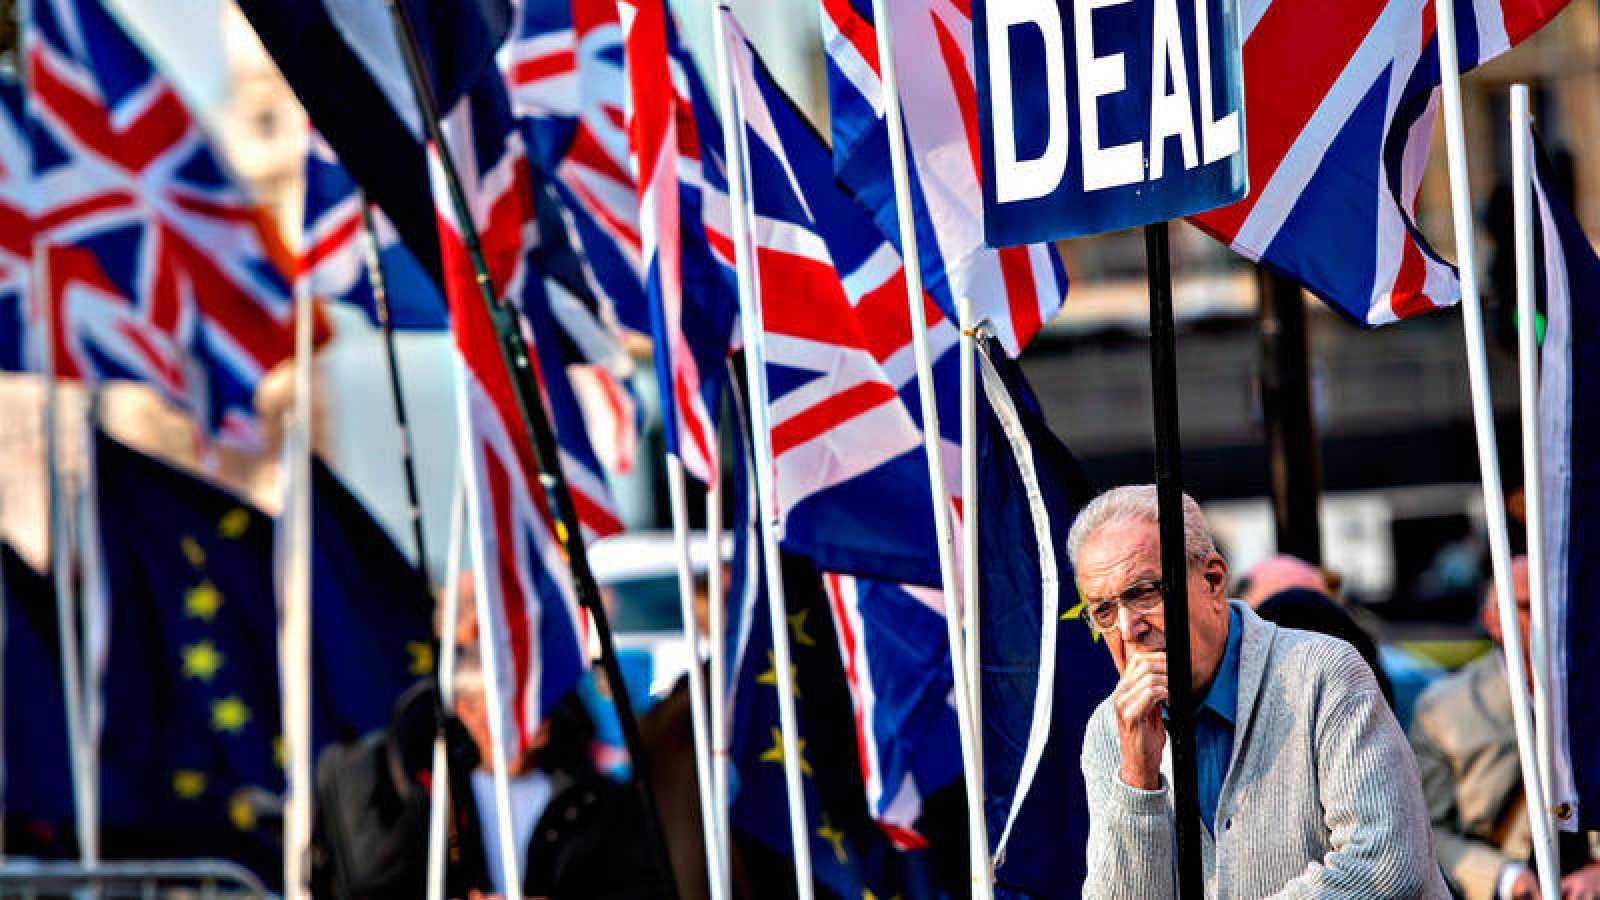 Un hombre se recosta pensativo ante el Parlamento de Westminster, rodeado de banderas británicas y europeas